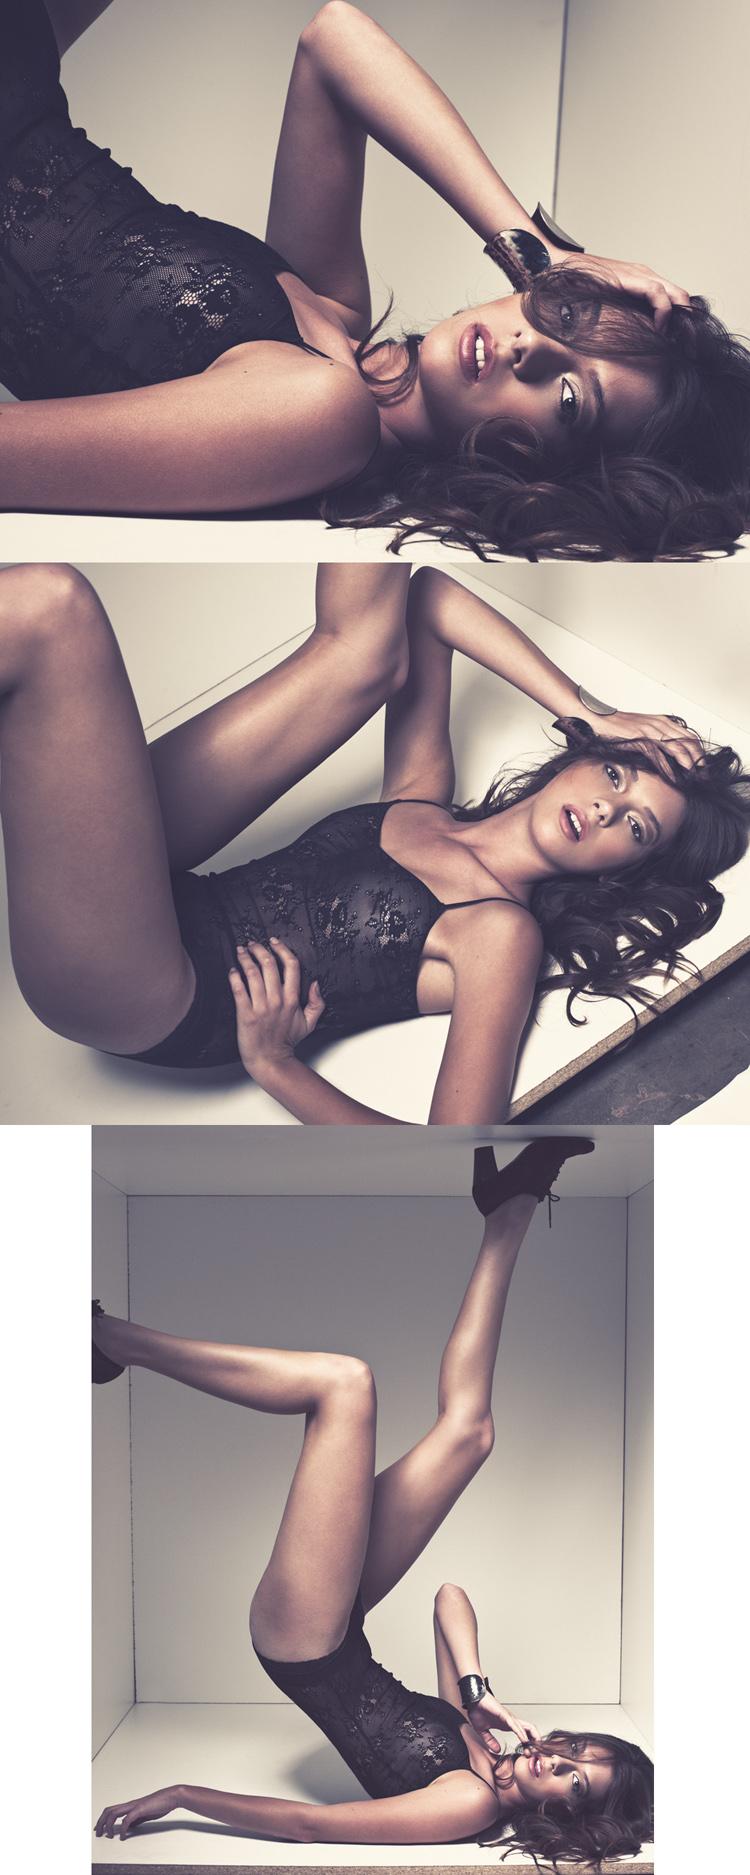 le new studio Dec 25, 2010 L U C I M A Breana Pinkerton Models